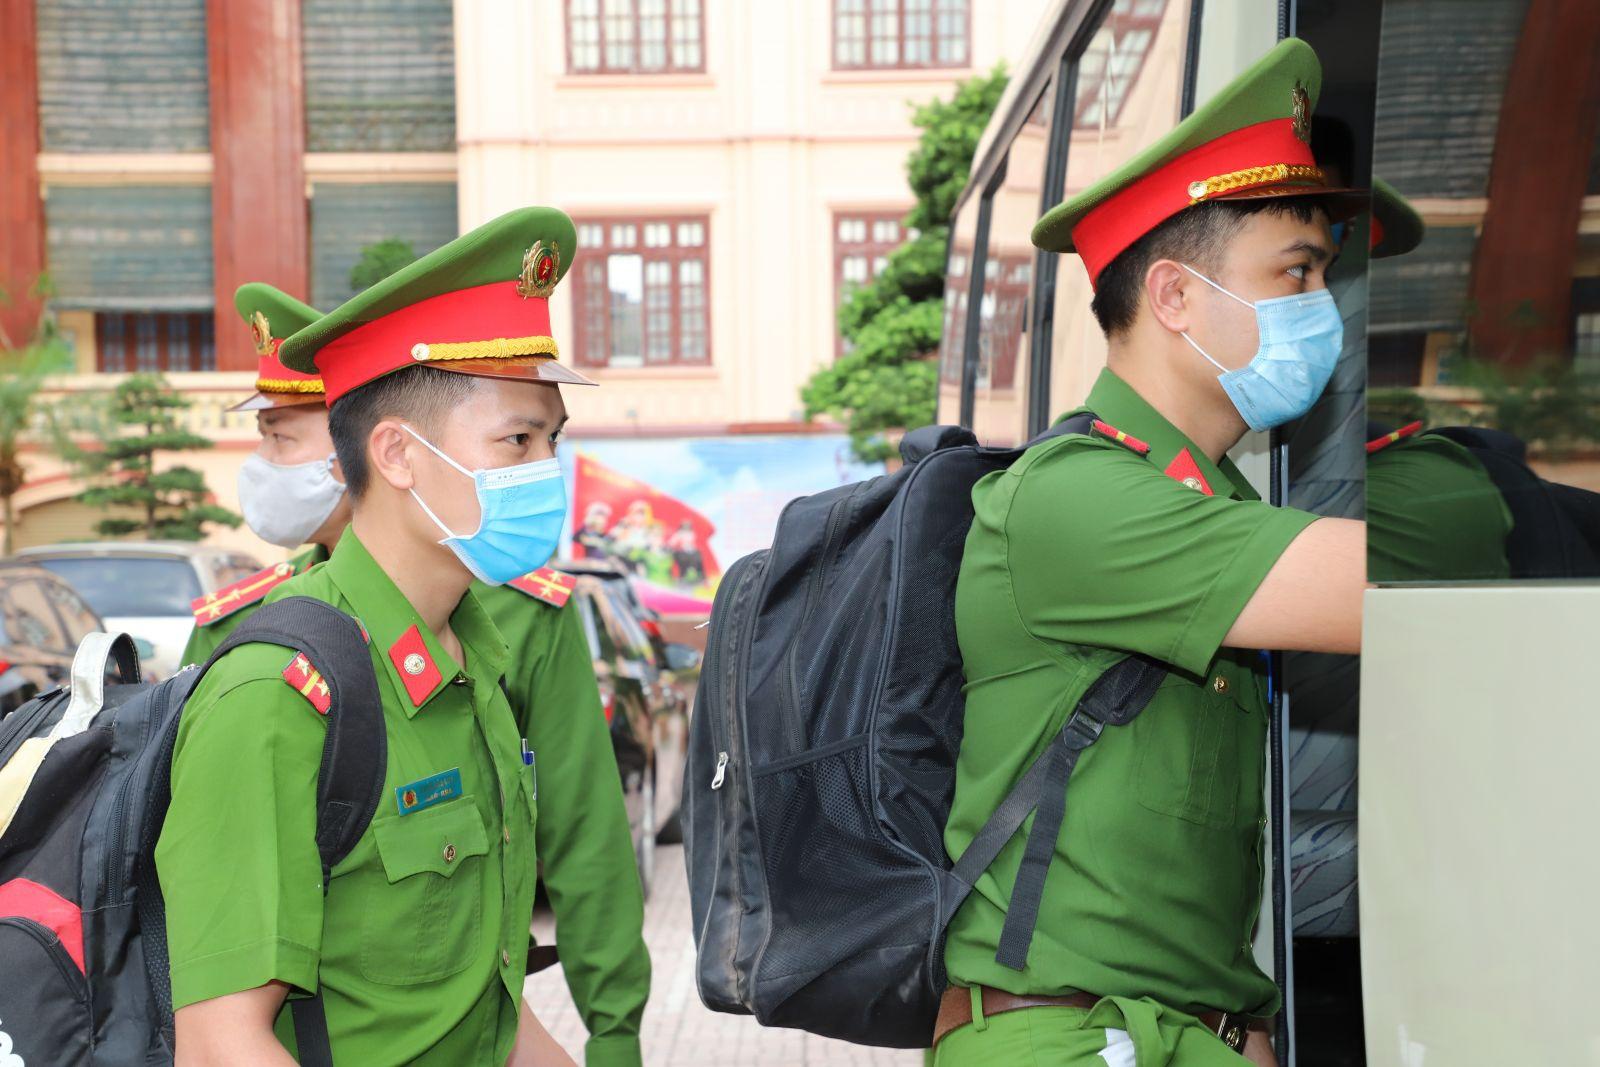 CSGT Bắc Giang đứng nghiêm chào đoàn chi viện chống dịch Covid-19 từ Quảng Ninh - Ảnh 2.